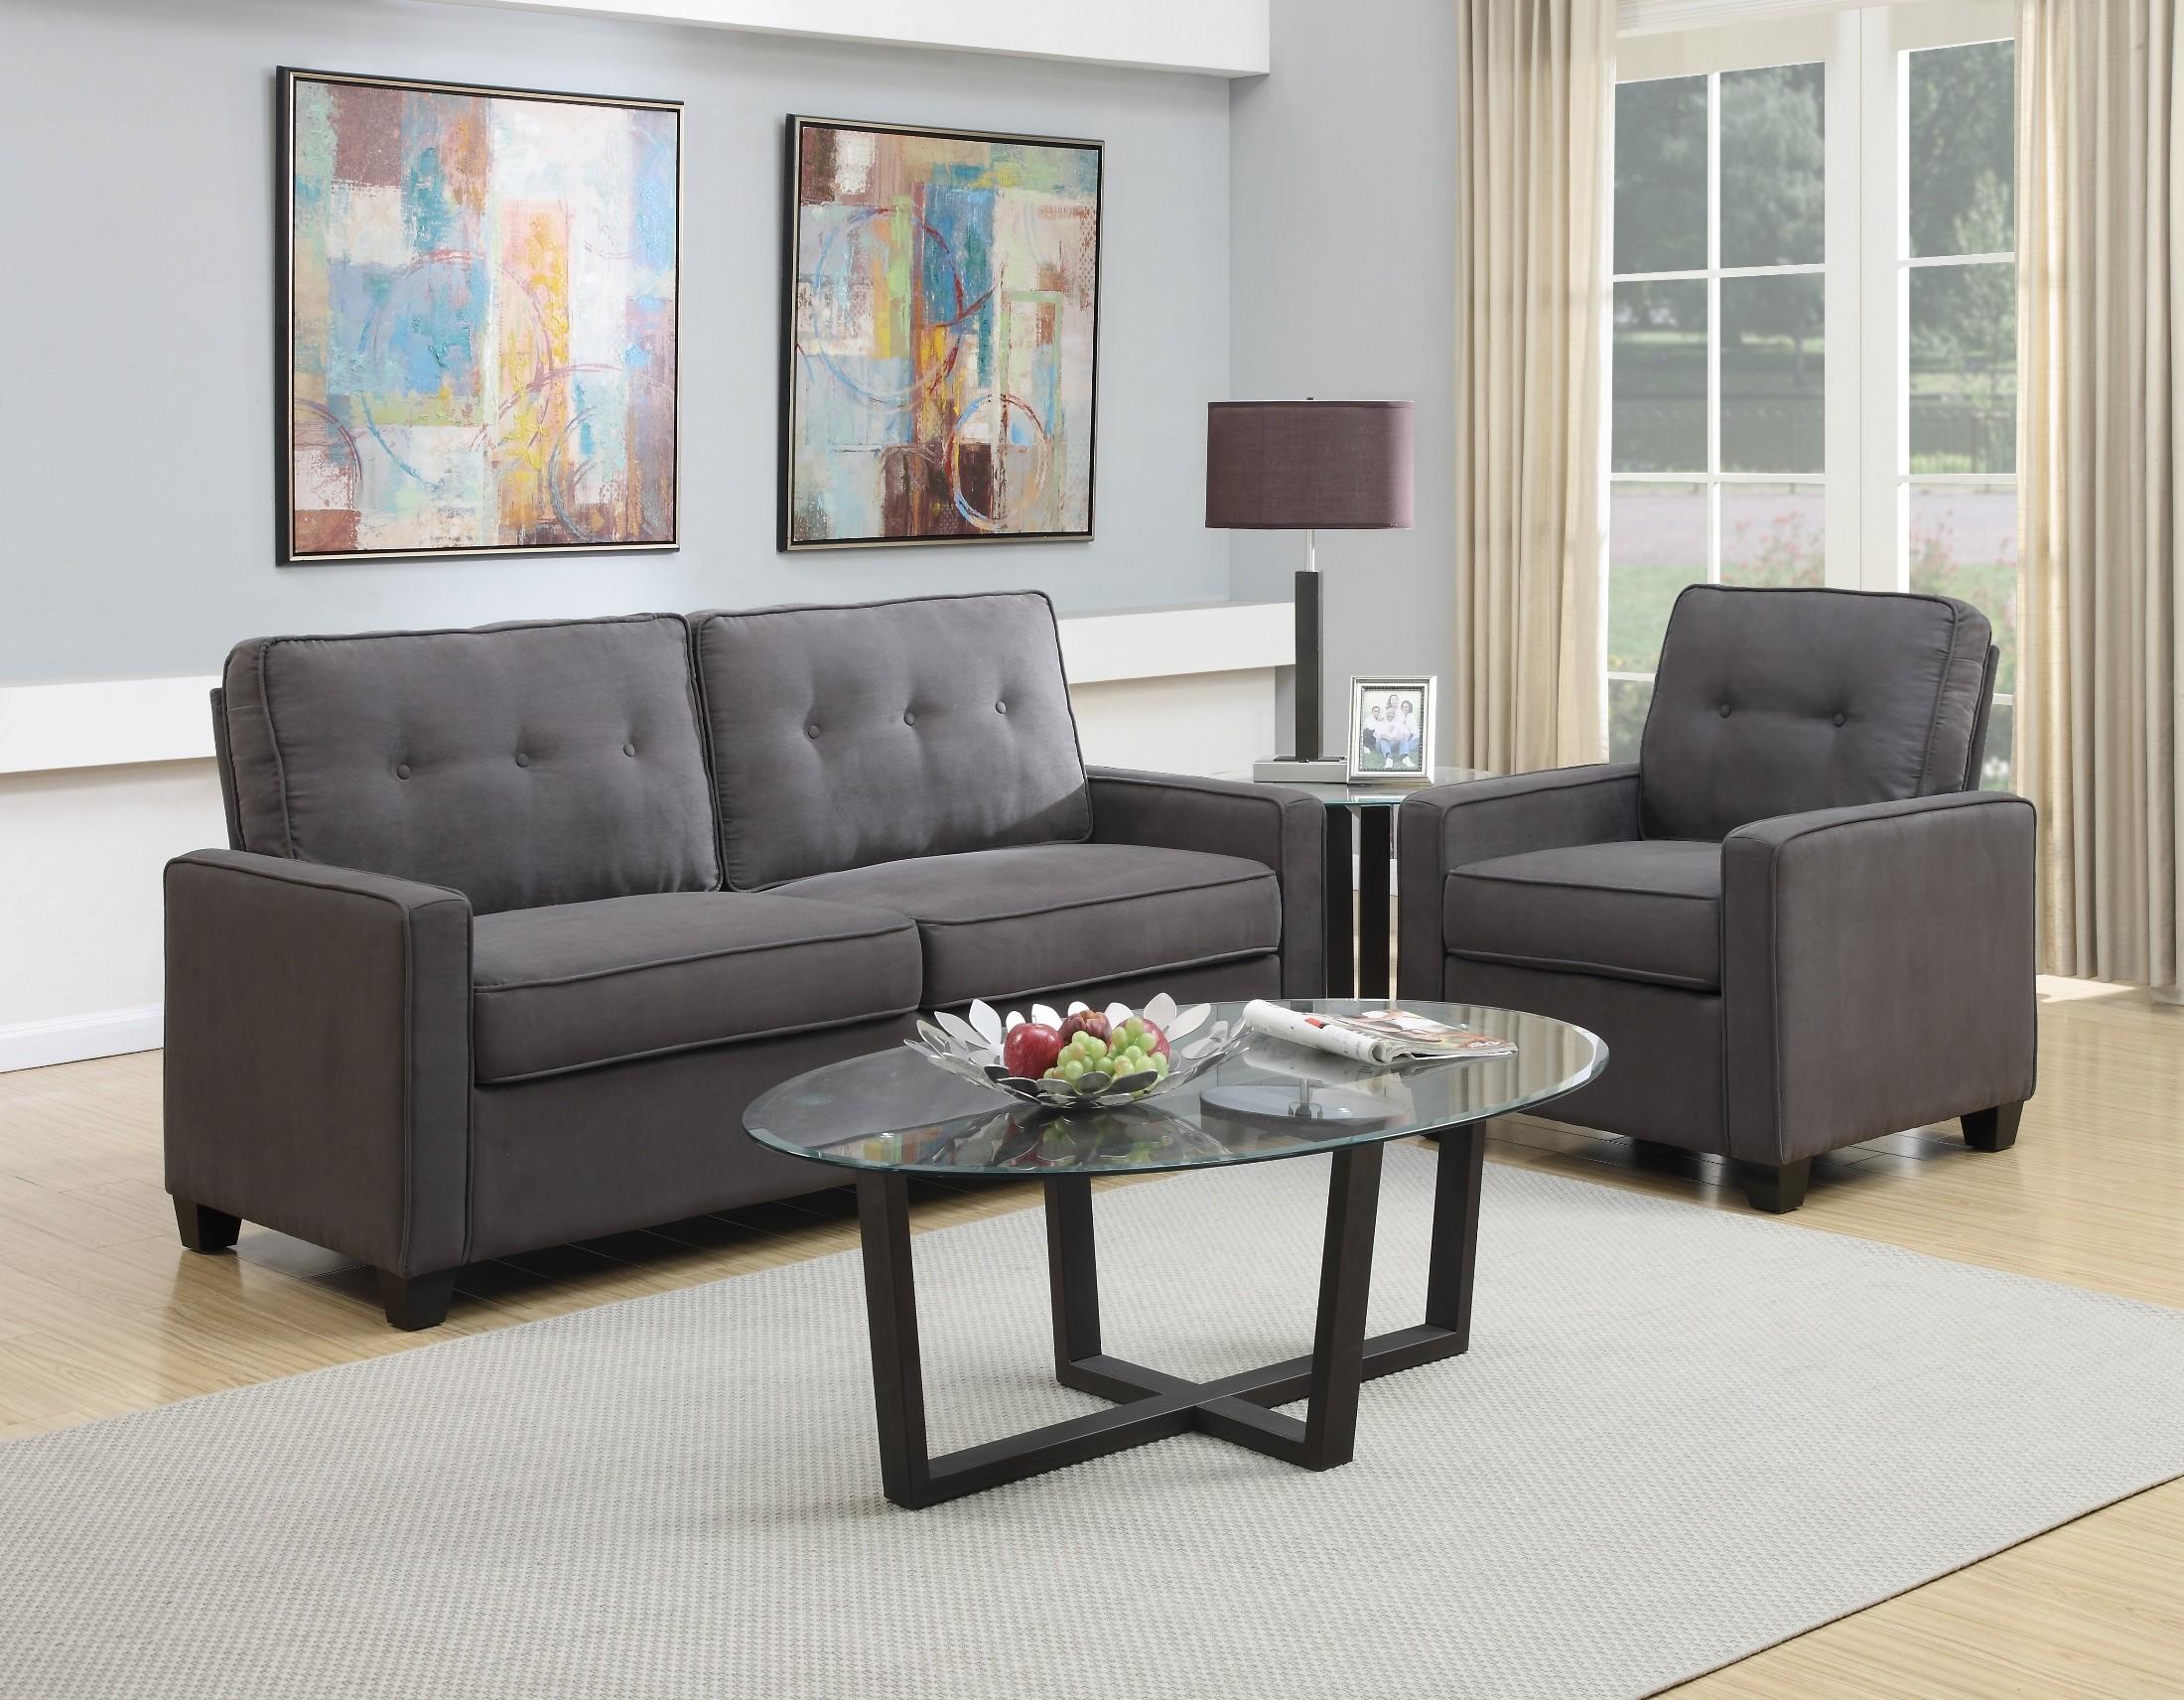 tufted back vernon slate living room set from pulaski ds 2635 680 424